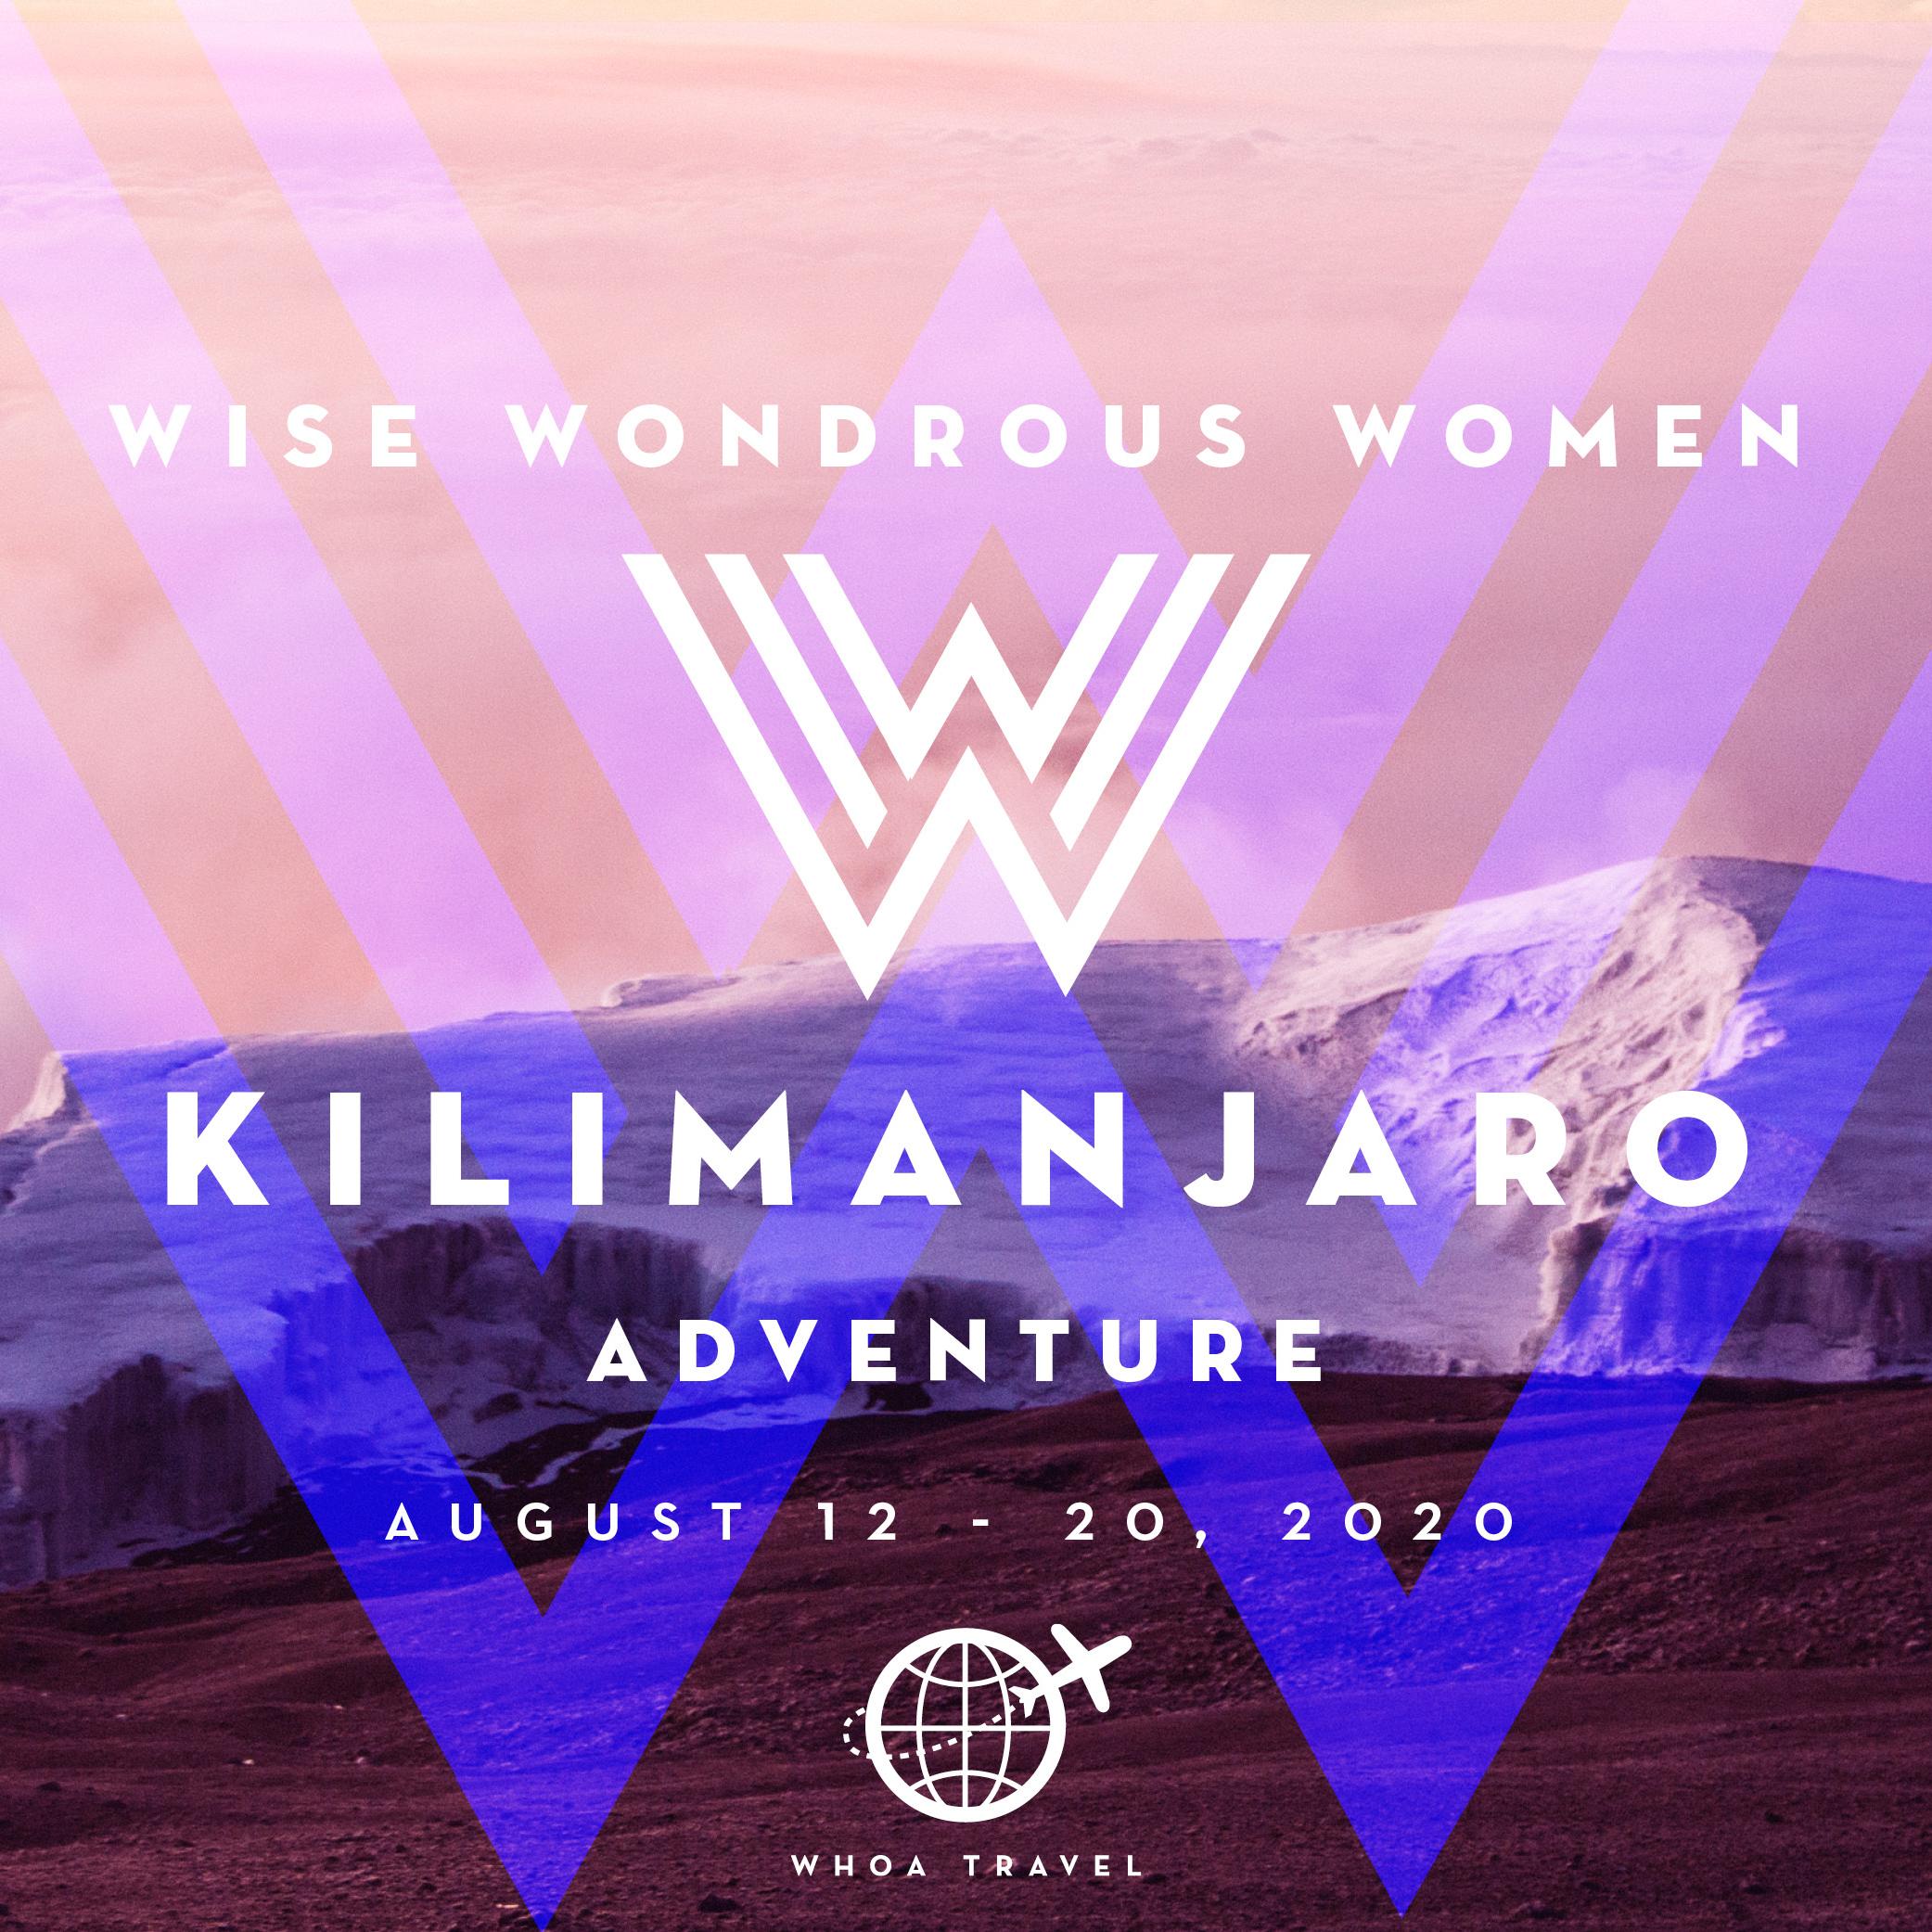 AUG 12 - 20 - 2020KILIMANJARO: WISE WONDROUS WOMEN 50+ ADVENTUREfrom $3,650